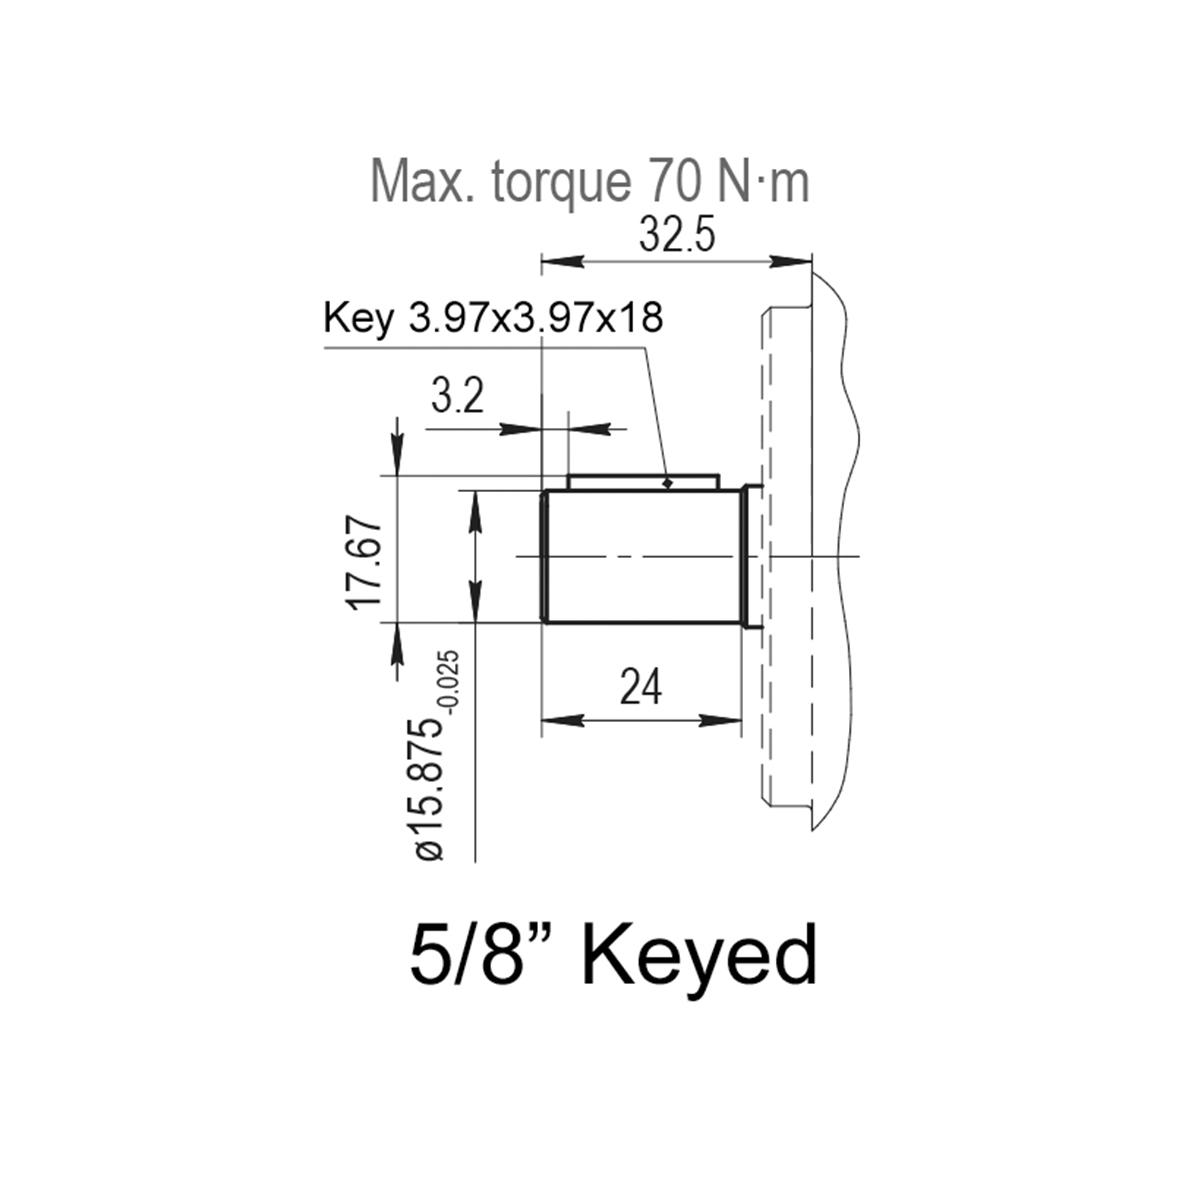 1.22 CID hydraulic gear pump, 5/8 keyed shaft counter-clockwise gear pump   Magister Hydraulics